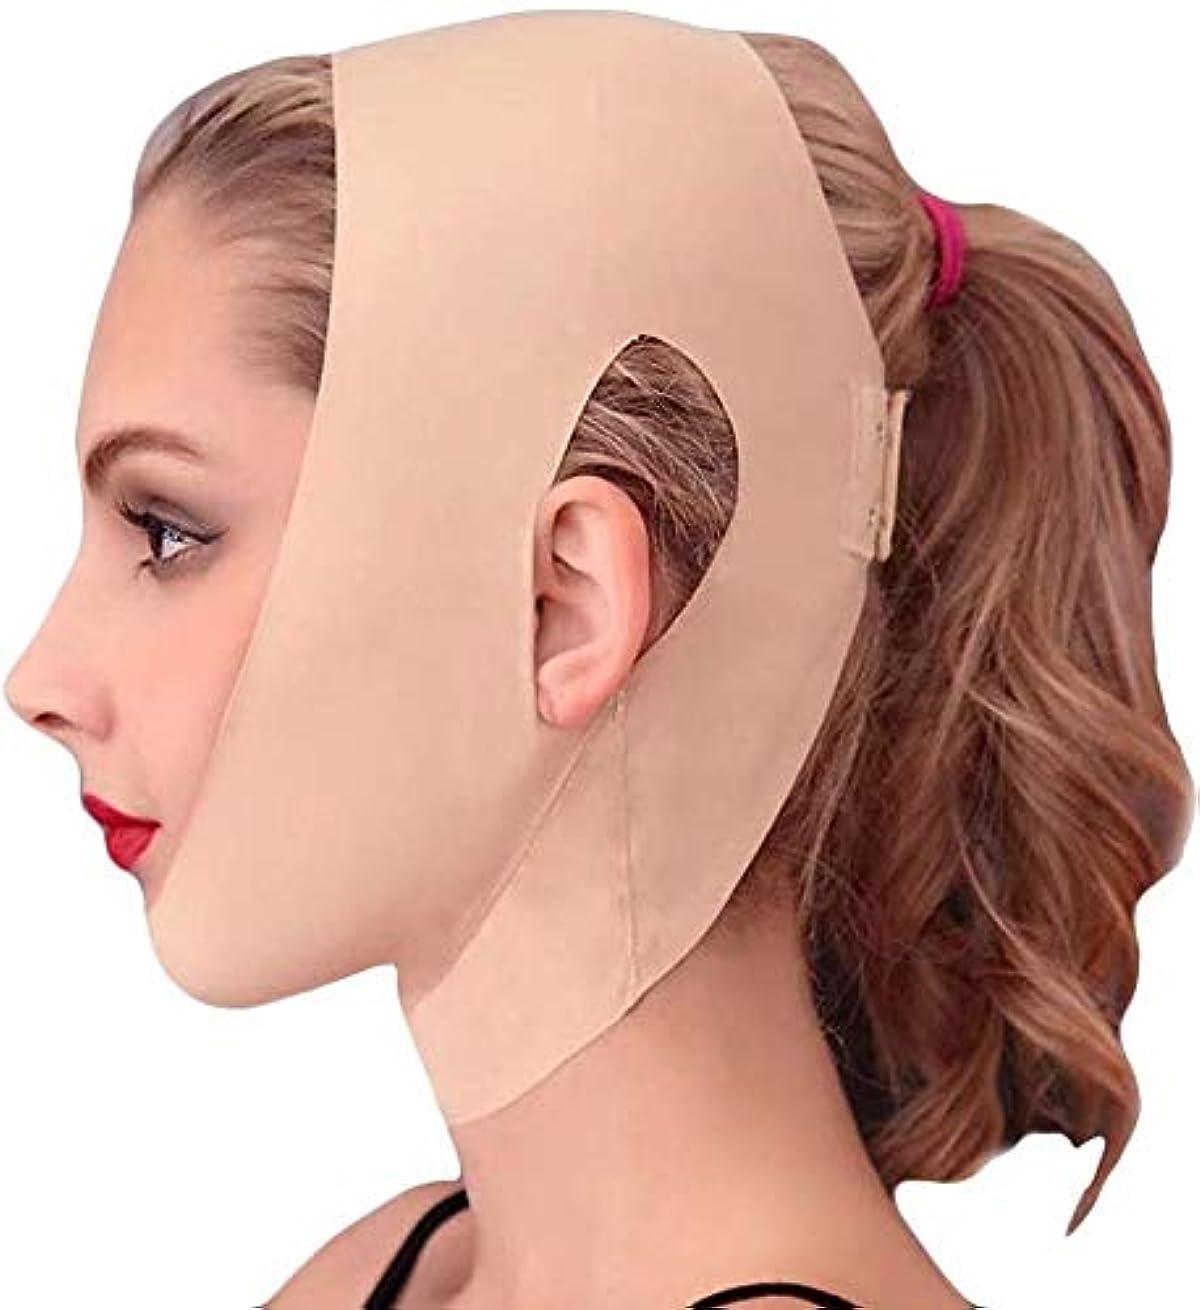 化学薬品測るごちそうHEMFV フェイスリフト、チンリフト、顔の減量ベルト